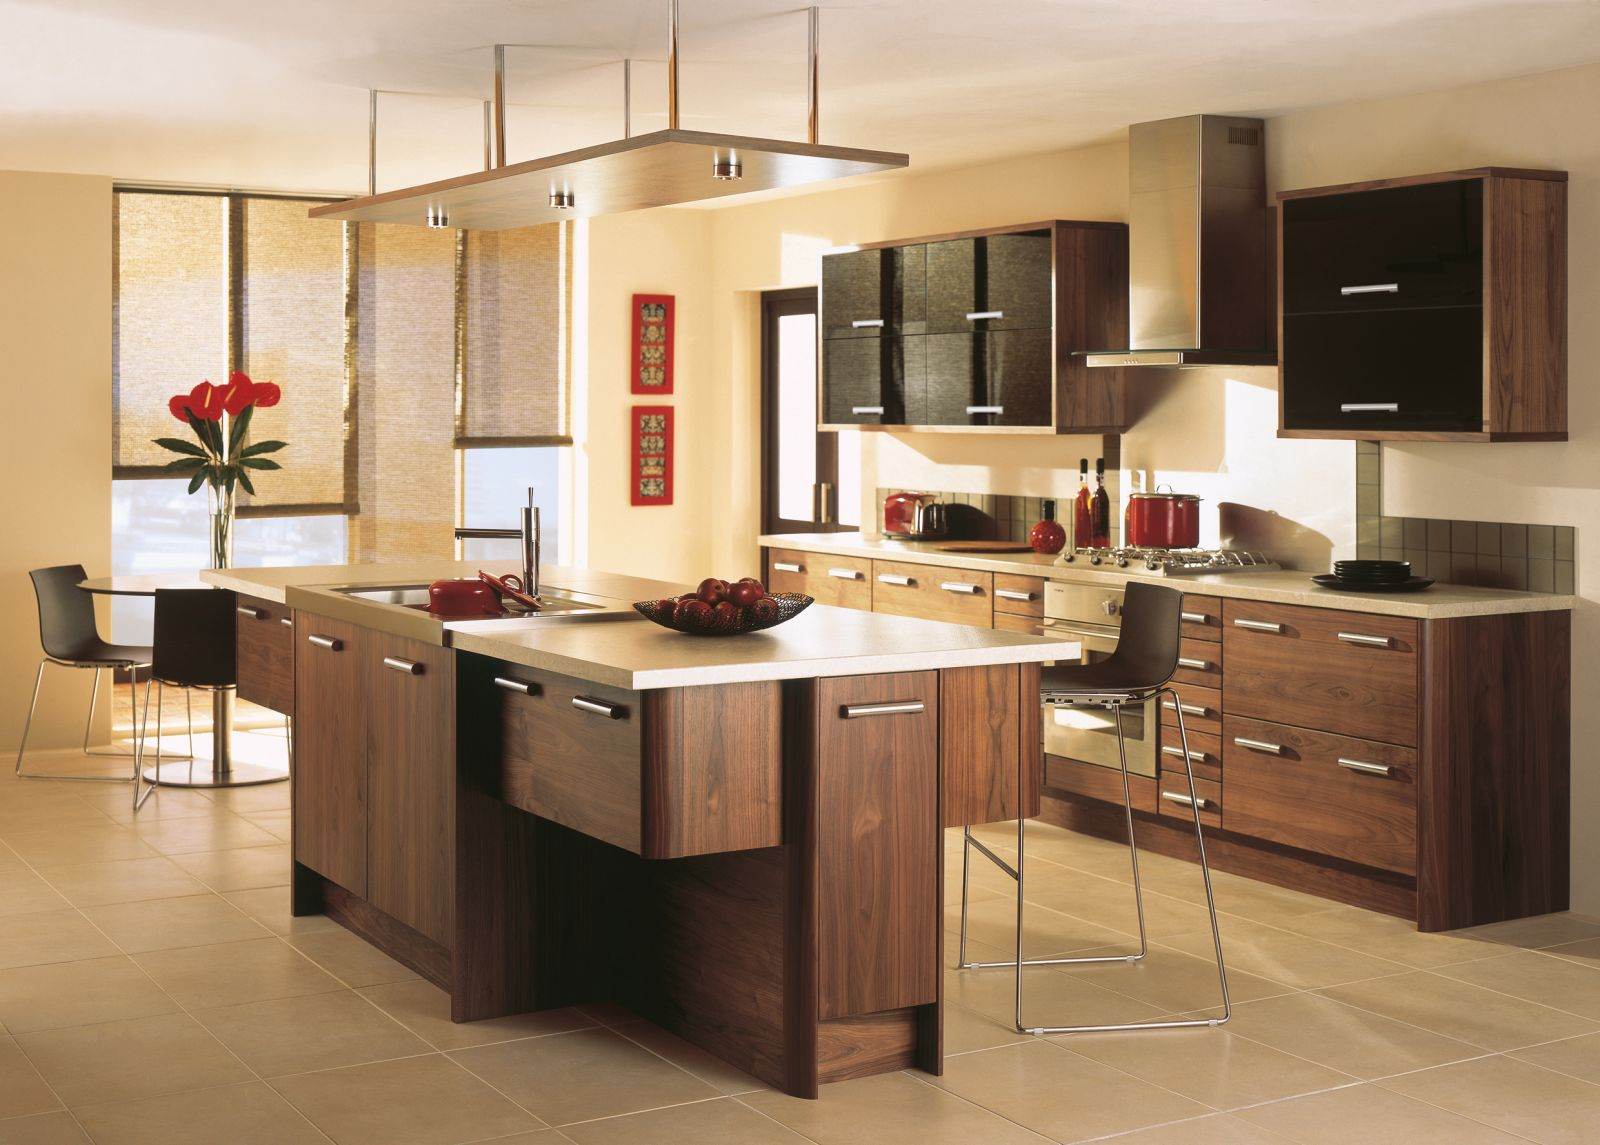 Loại gỗ nào được ưa chuộng nhất trong thiết kế nội thất?